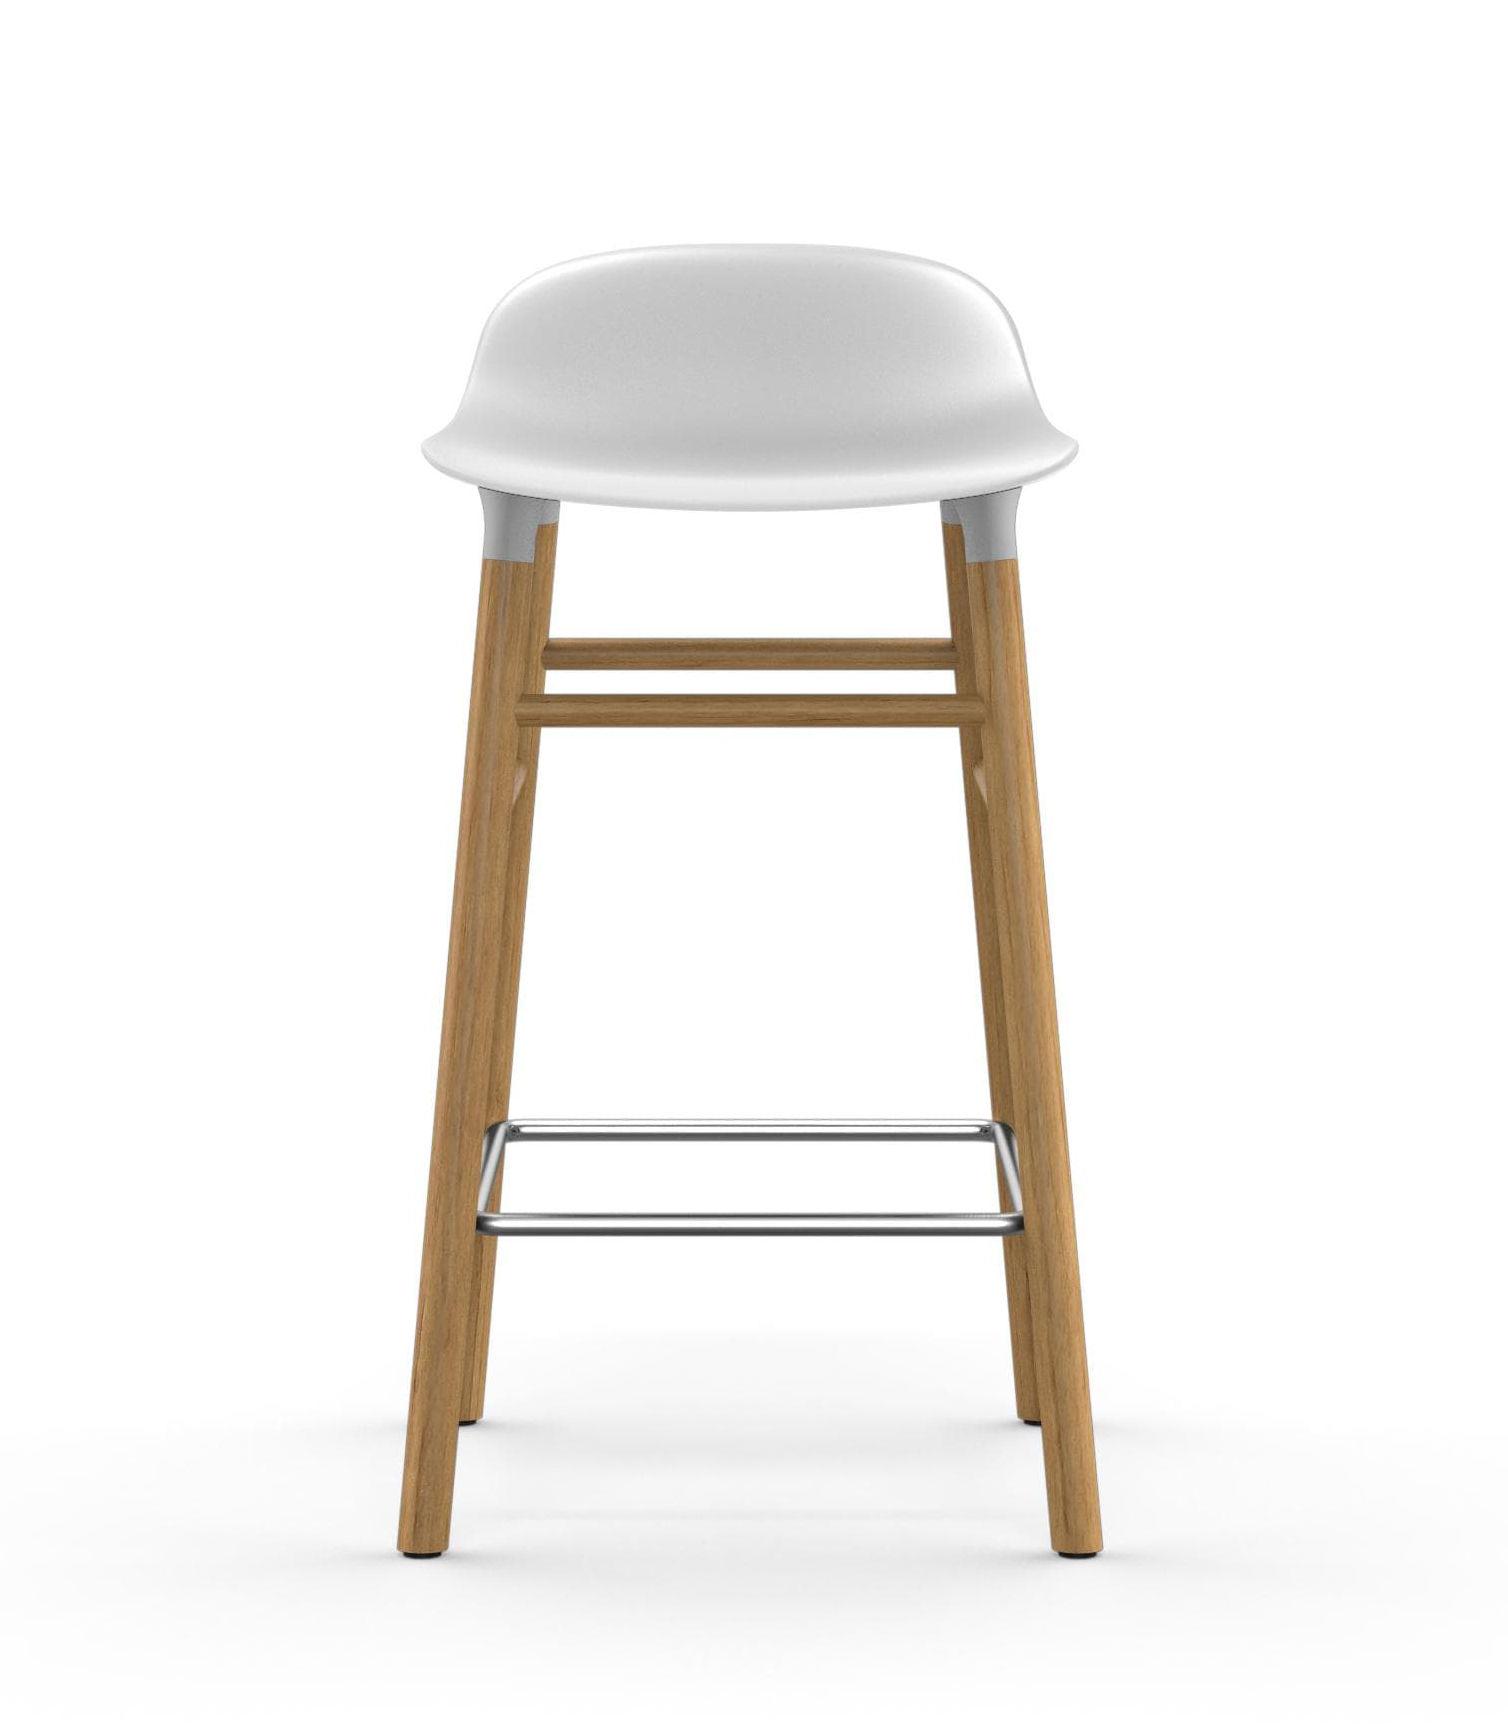 tabouret de bar form h 65 cm pied ch ne blanc ch ne normann copenhagen. Black Bedroom Furniture Sets. Home Design Ideas